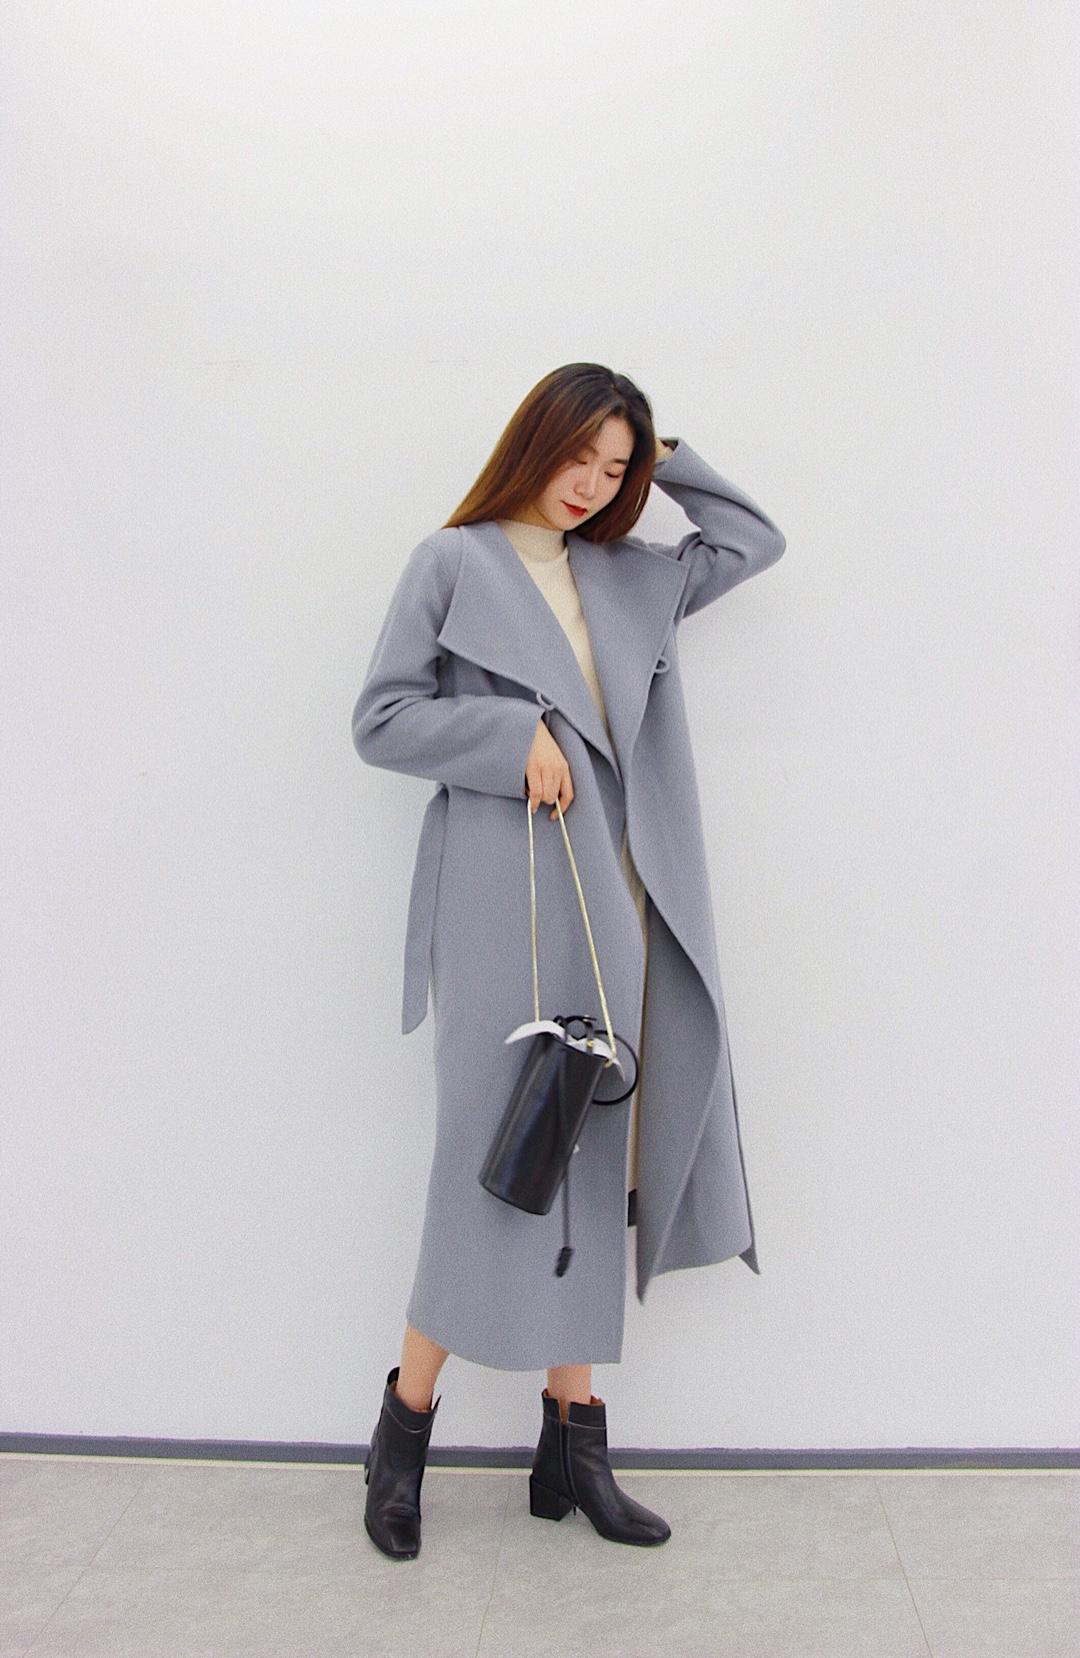 julie look% 173cm 54kg 雾霾蓝色的大衣外套很显气质了 而且这件大衣版型很大 高个子的宝宝们一定要入 颜色也很显肤白 #MOGU STUDIO#